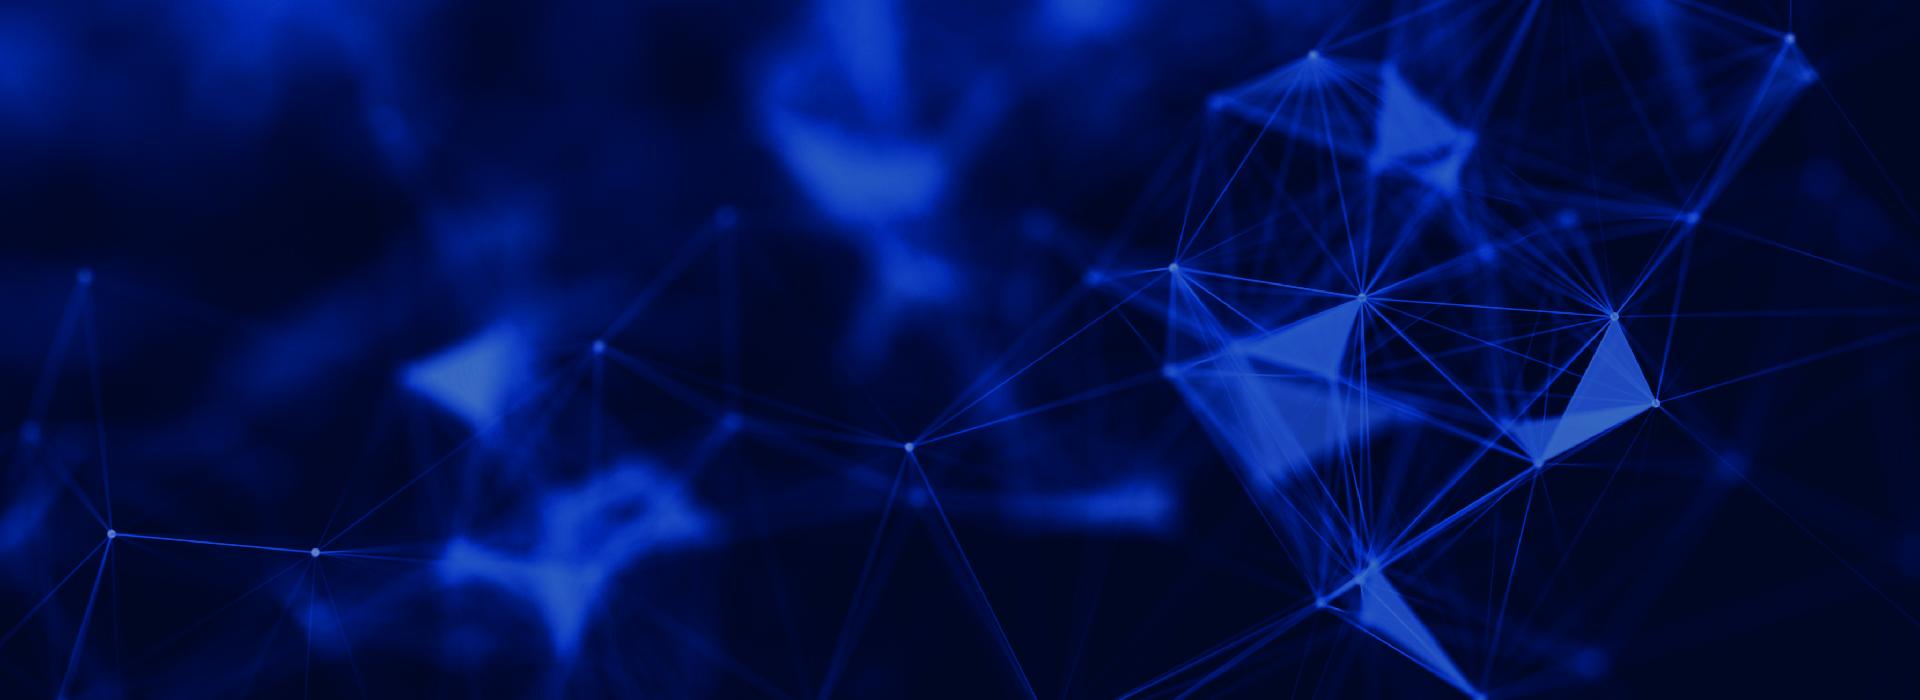 10 razones por las cuales ya deberías estar aplicando IoT en tu empresa